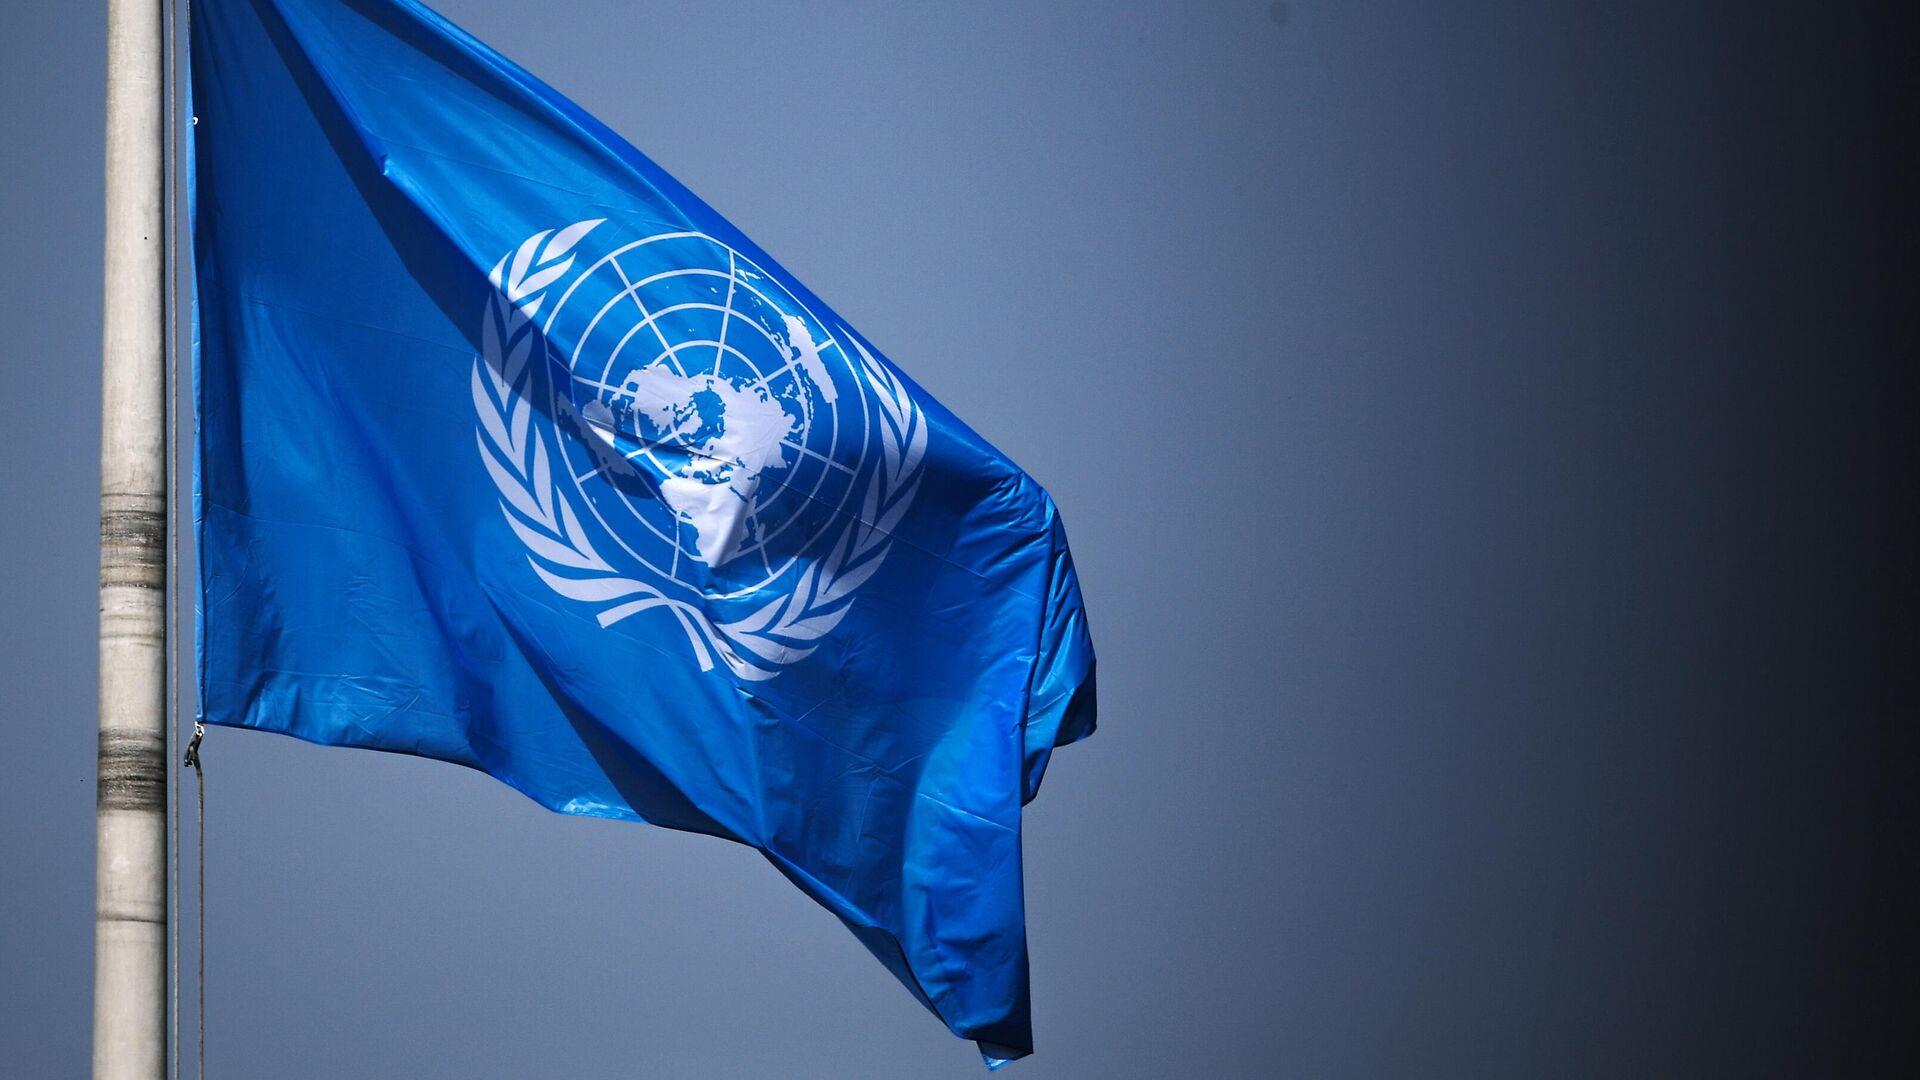 Флаг ООН на территории Дворца мира в Гааге - РИА Новости, 1920, 26.07.2021